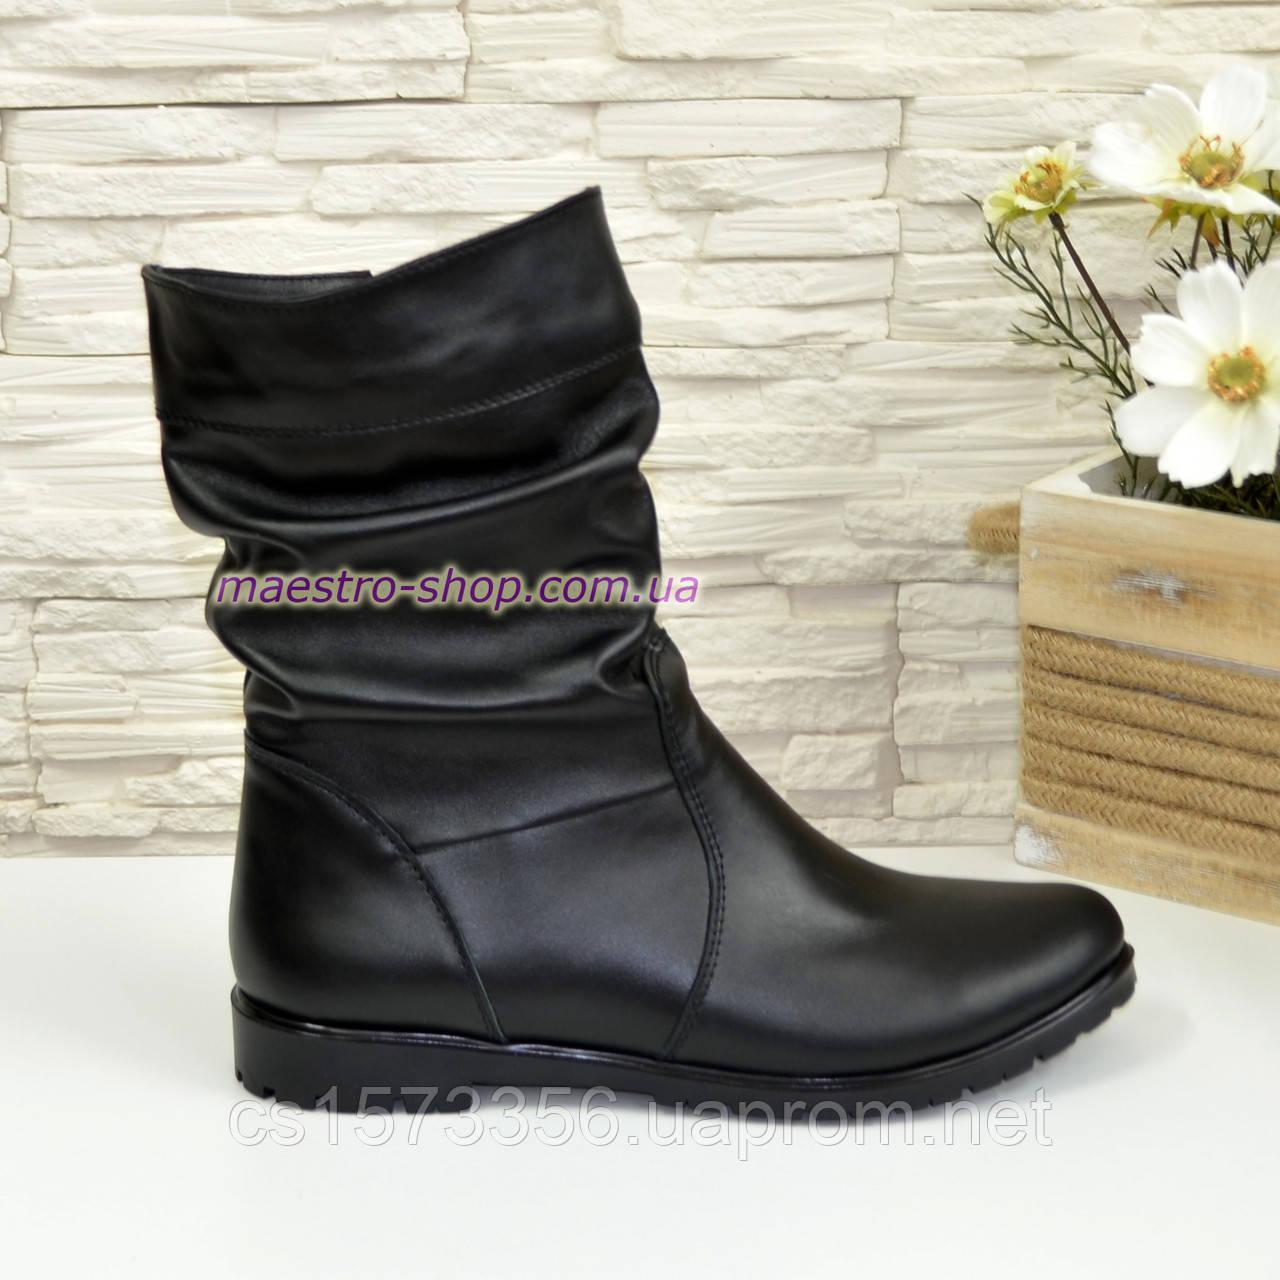 Женские зимние ботинки из натуральной кожи черного цвета